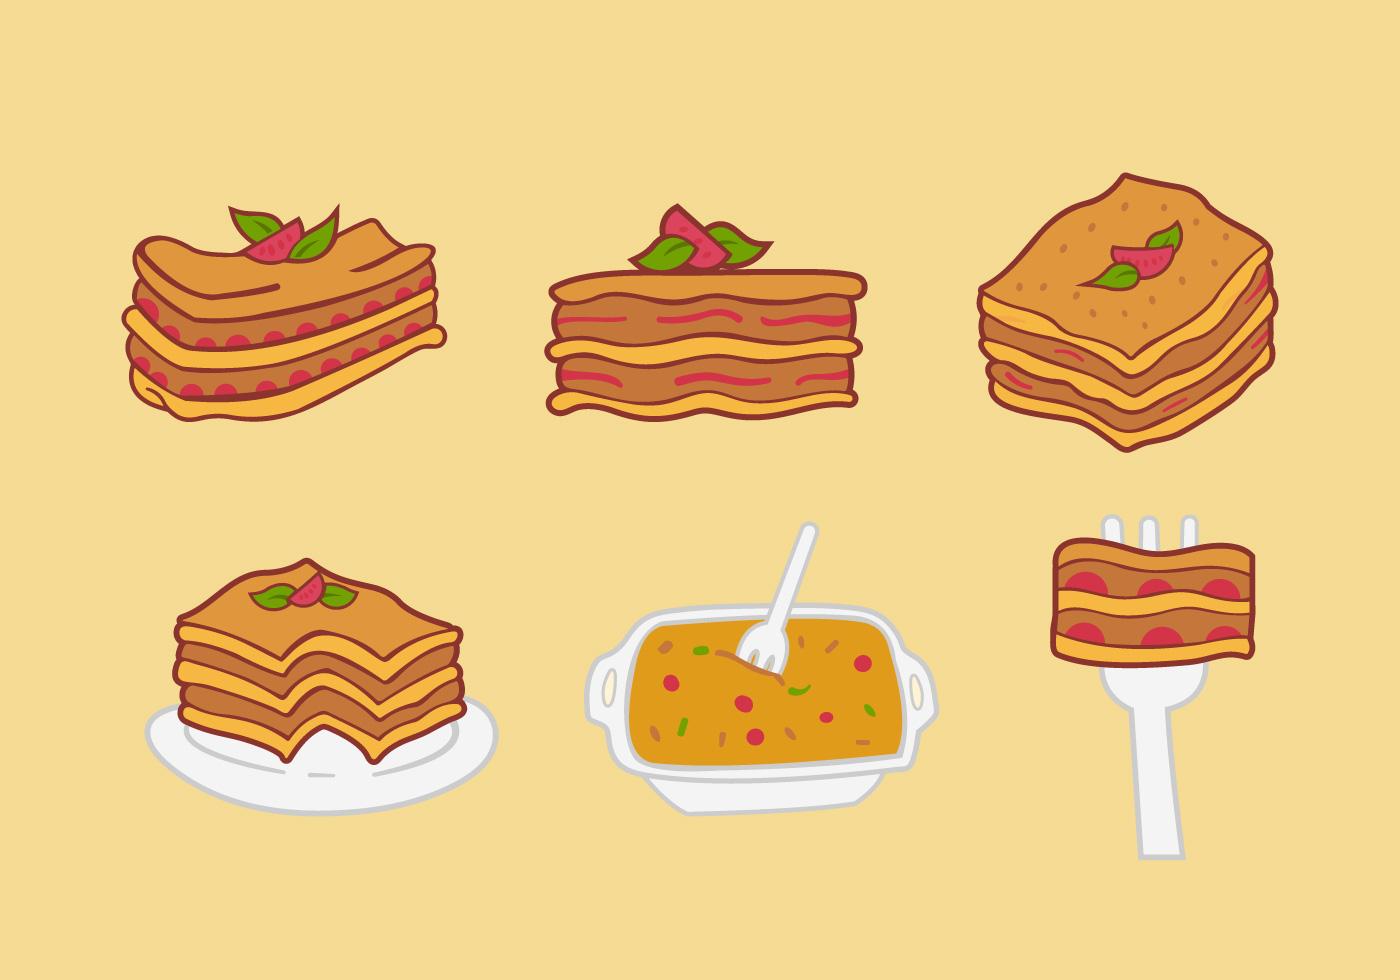 食物圖案 免費下載   天天瘋後製